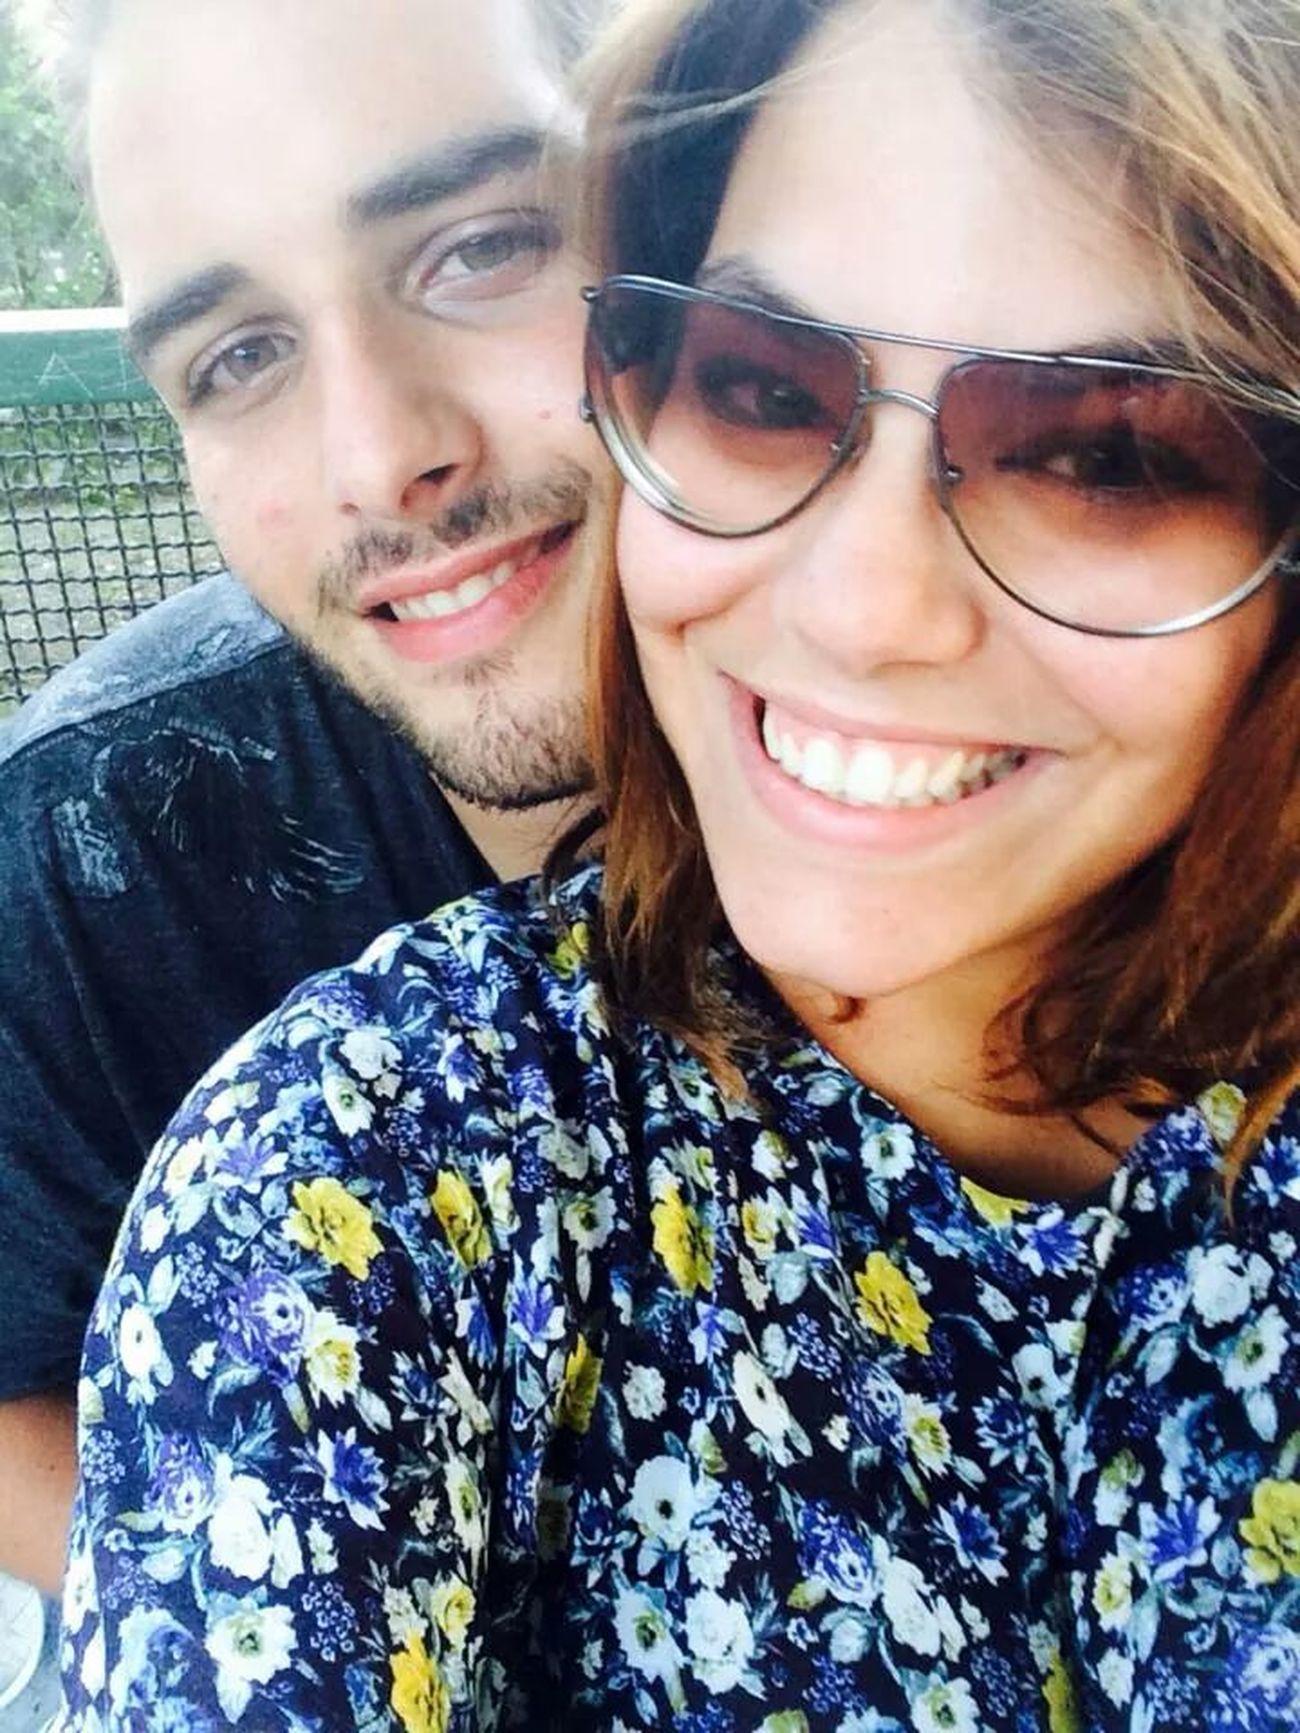 Loveinfinity Iloveyou Sweet Moments Boyfriend && Girlfriend ♡♥